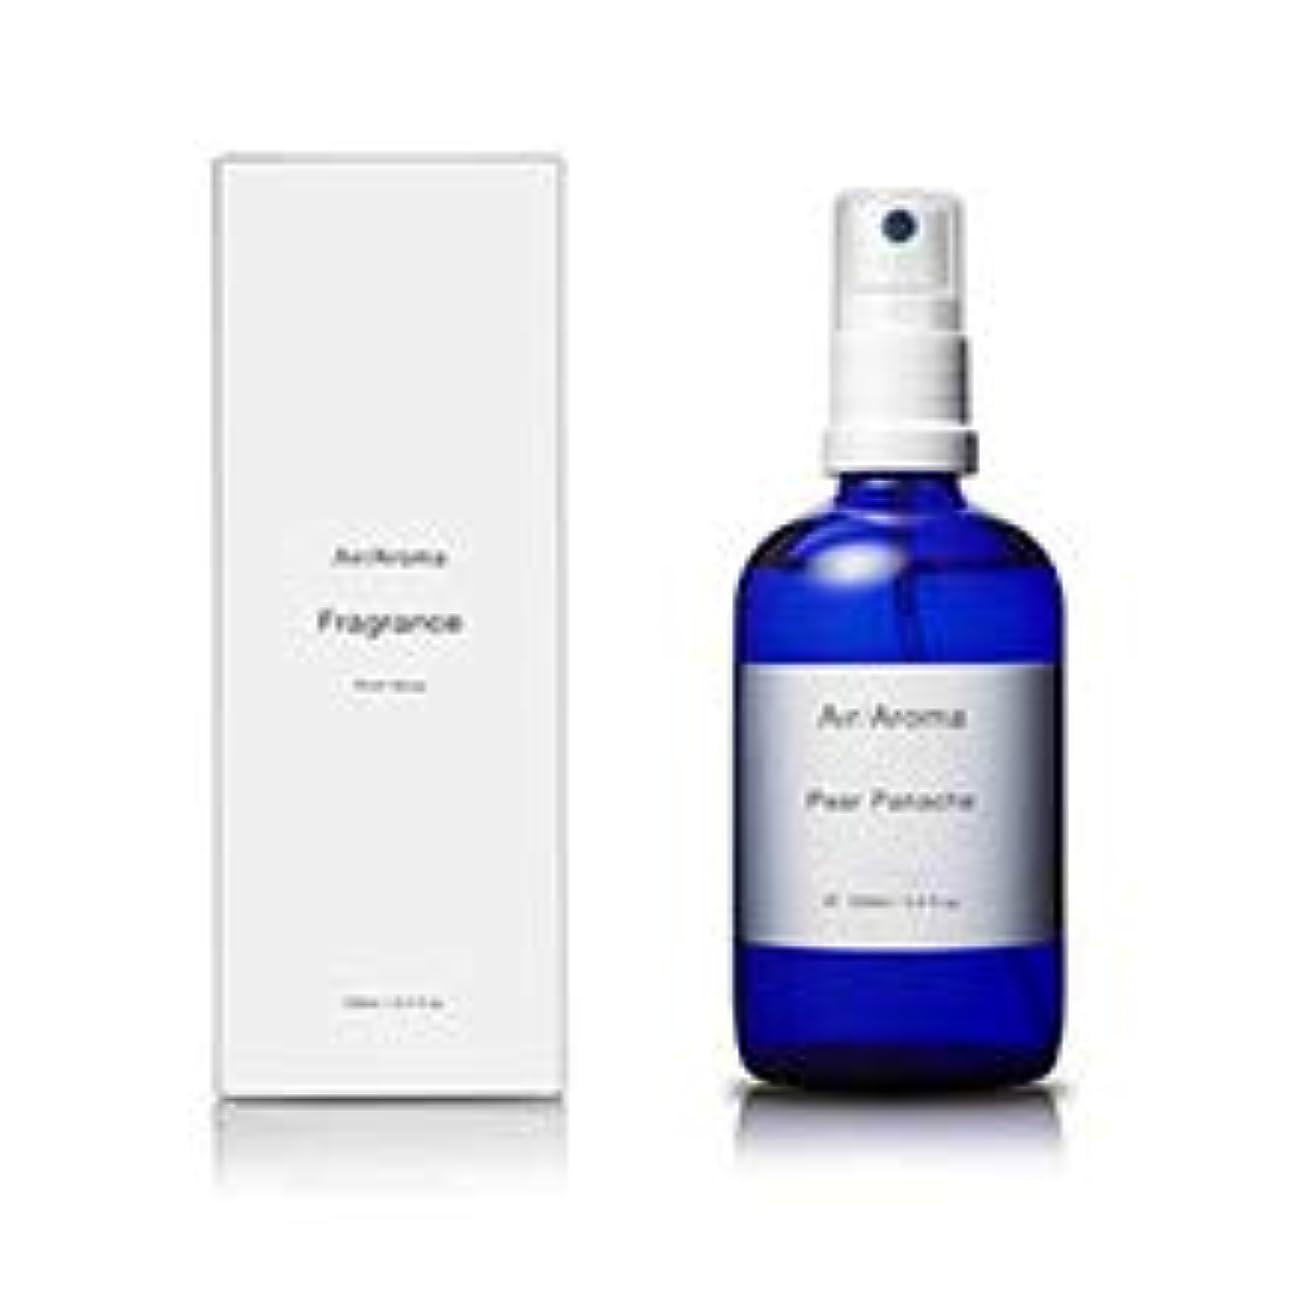 に対応デモンストレーション思われるエアアロマ pear panache room fragrance (ペアパナシェ ルームフレグランス) 100ml